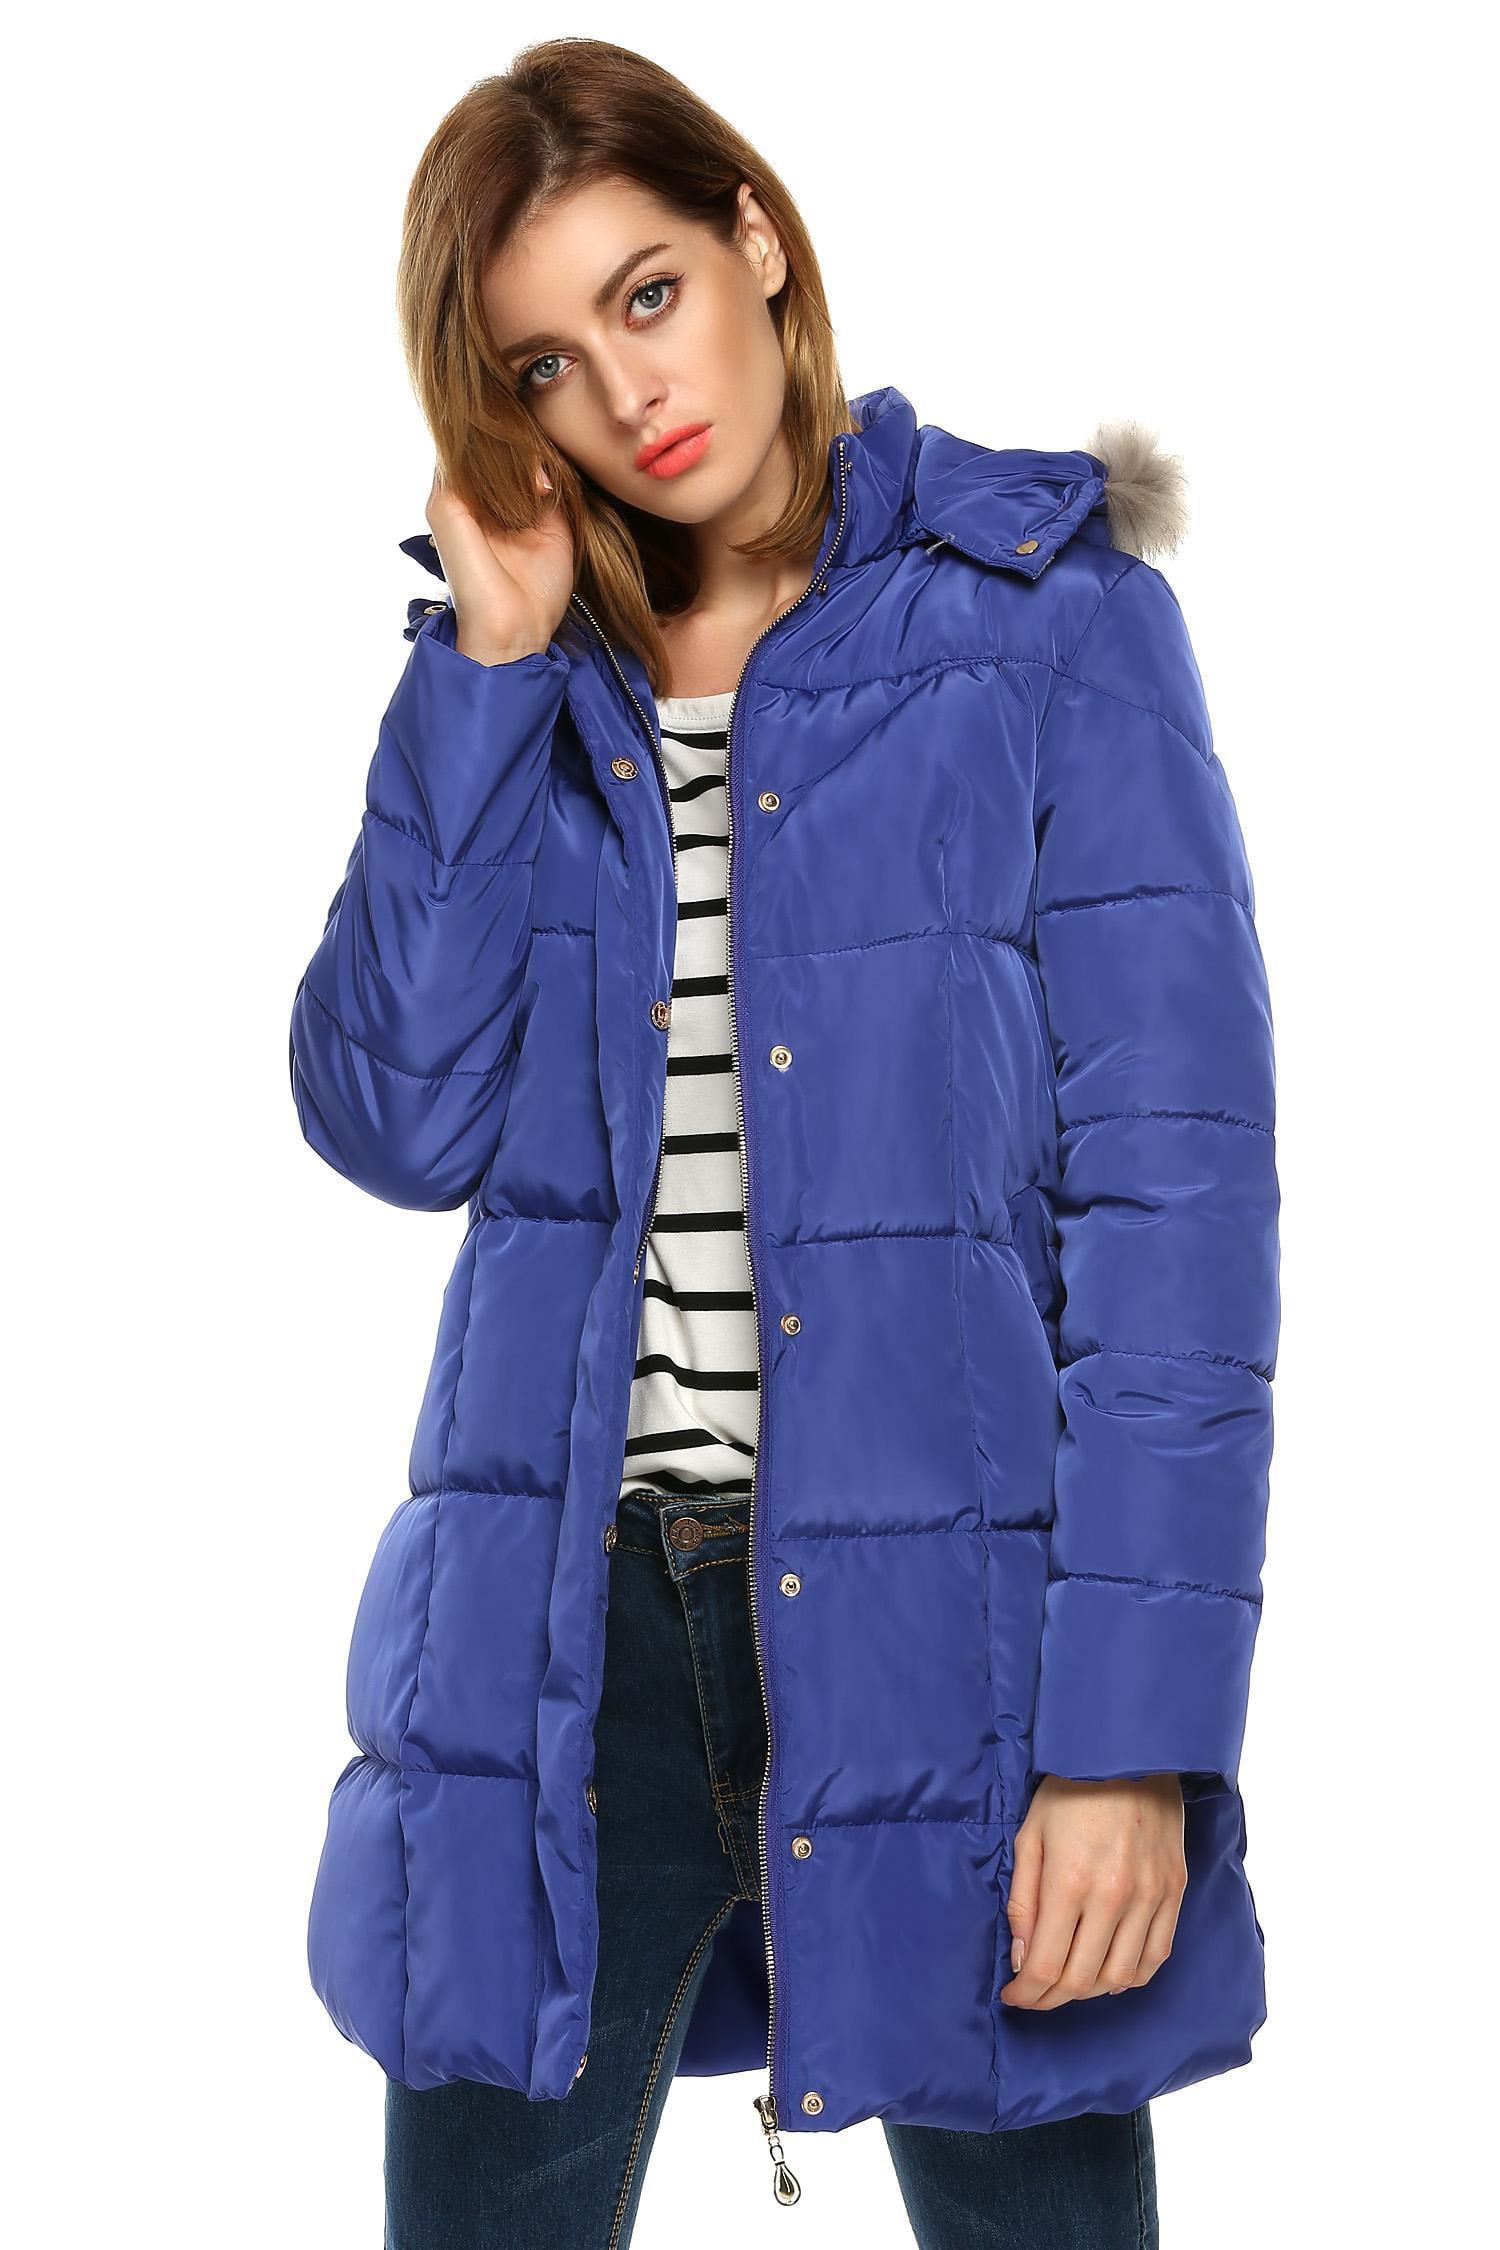 2017 Winter Women Hooded Warm Thicken Long Jacket Down Coat Parka Overcoat by